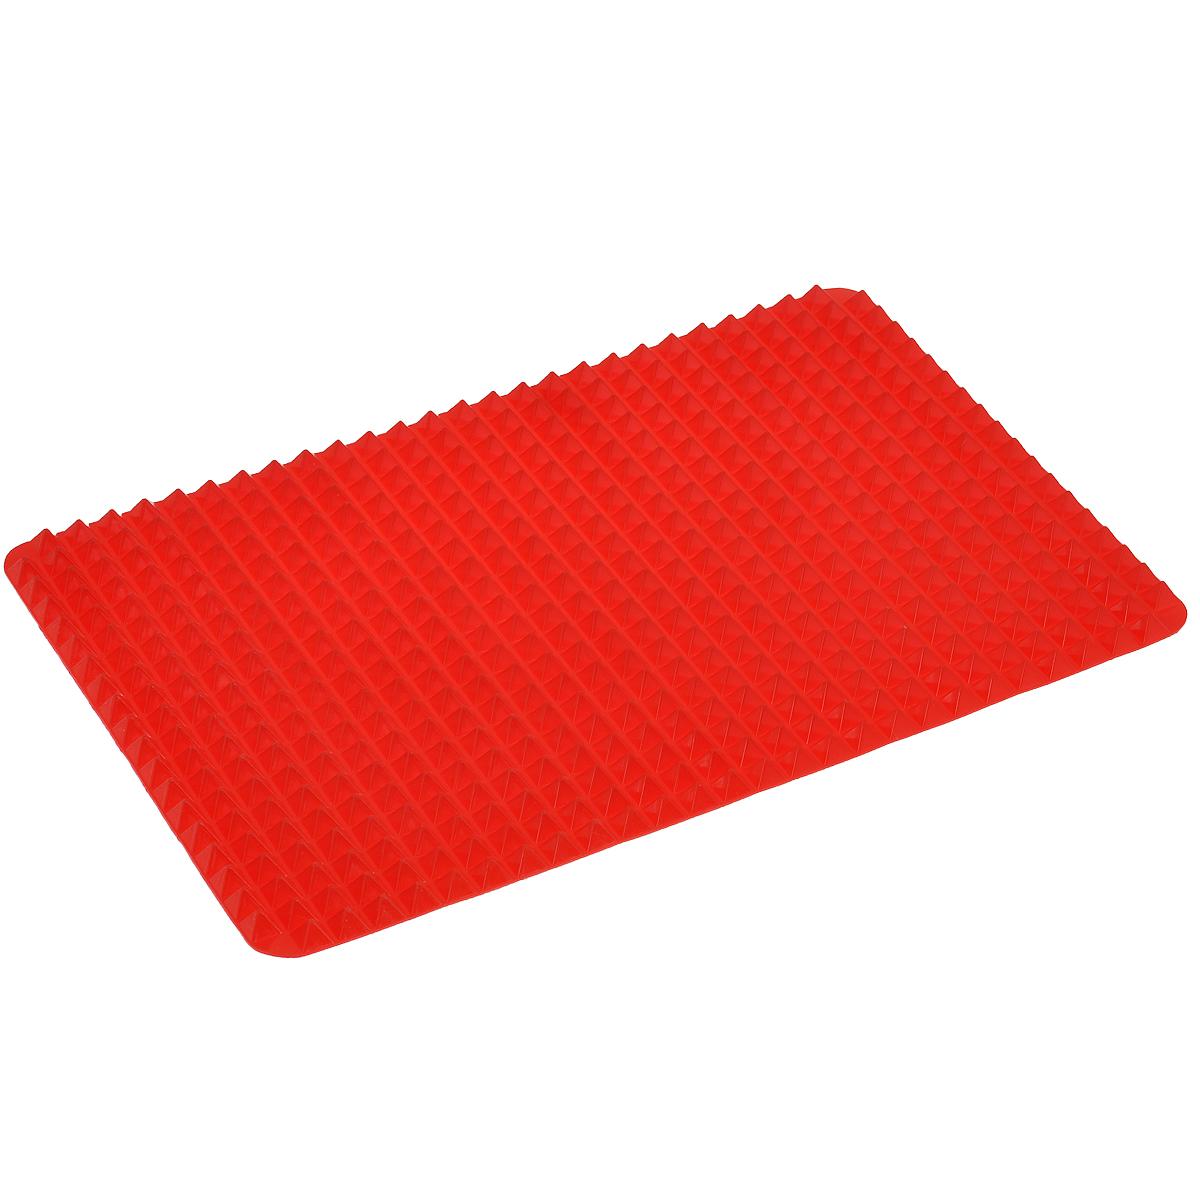 Коврик силиконовый Bradex Пирамида, цвет: красный, 41 х 29 см54 009312Силиконовый коврик Bradex Пирамида поможет приготовить вкусную и здоровую пищу. Благодаря специальной форме коврика лишний жир стекает вниз, оставаясь на коврике, а не на стенках Вашей посуды. С силиконовым ковриком Вы значительно сократите количество потребляемых калорий, не меняя диеты. Горячий воздух свободно циркулирует между пиками пирамиды, сокращая время готовки и не давая пище пригорать. Силиконовый коврик не пахнет при нагревании и легко отмывается. Чтобы питаться правильно, не обязательно отказываться от любимых блюд. Главное их правильно готовить! С силиконовым ковриком Вы сможете наслаждаться любимыми блюдами, не опасаясь за свое здоровье. Подходит для приготовления луковых колец, рыбы и чипсов, сосисок, пиццы, мяса. Можно мыть в посудомоечной машине и использовать в микроволновой печи. Выдерживает температуру до 220°С.